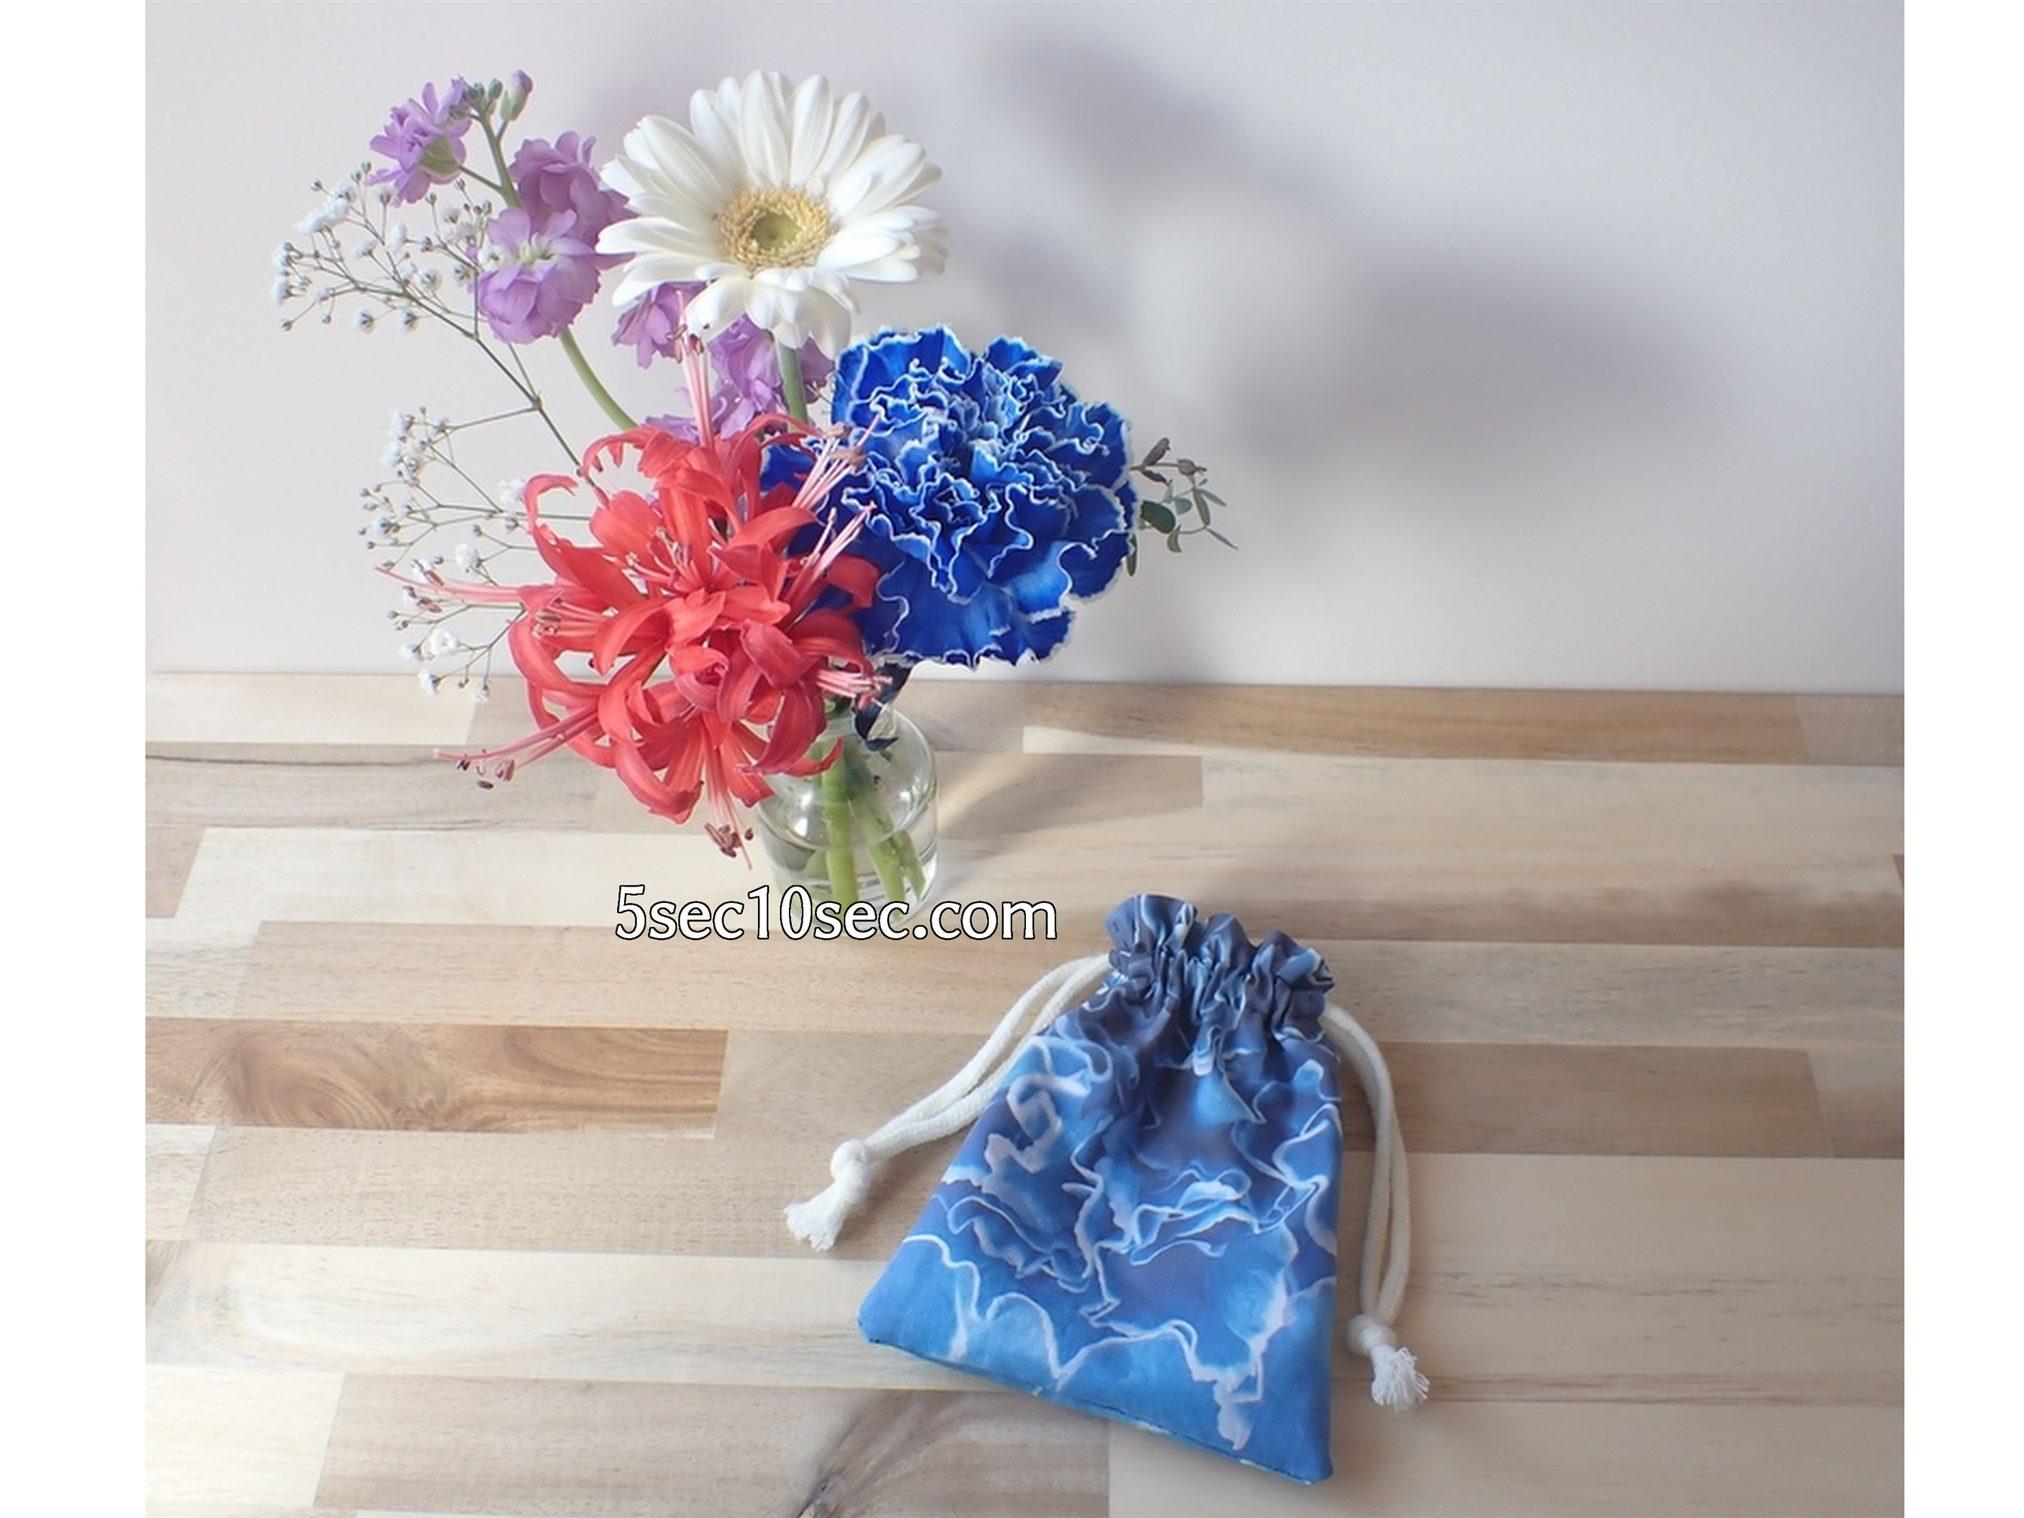 株式会社Crunch Style お花の定期便 Bloomee LIFE ブルーミーライフ 染めカーネーション(青)を柄物の素材にして布プリで巾着袋を手作りしてみた